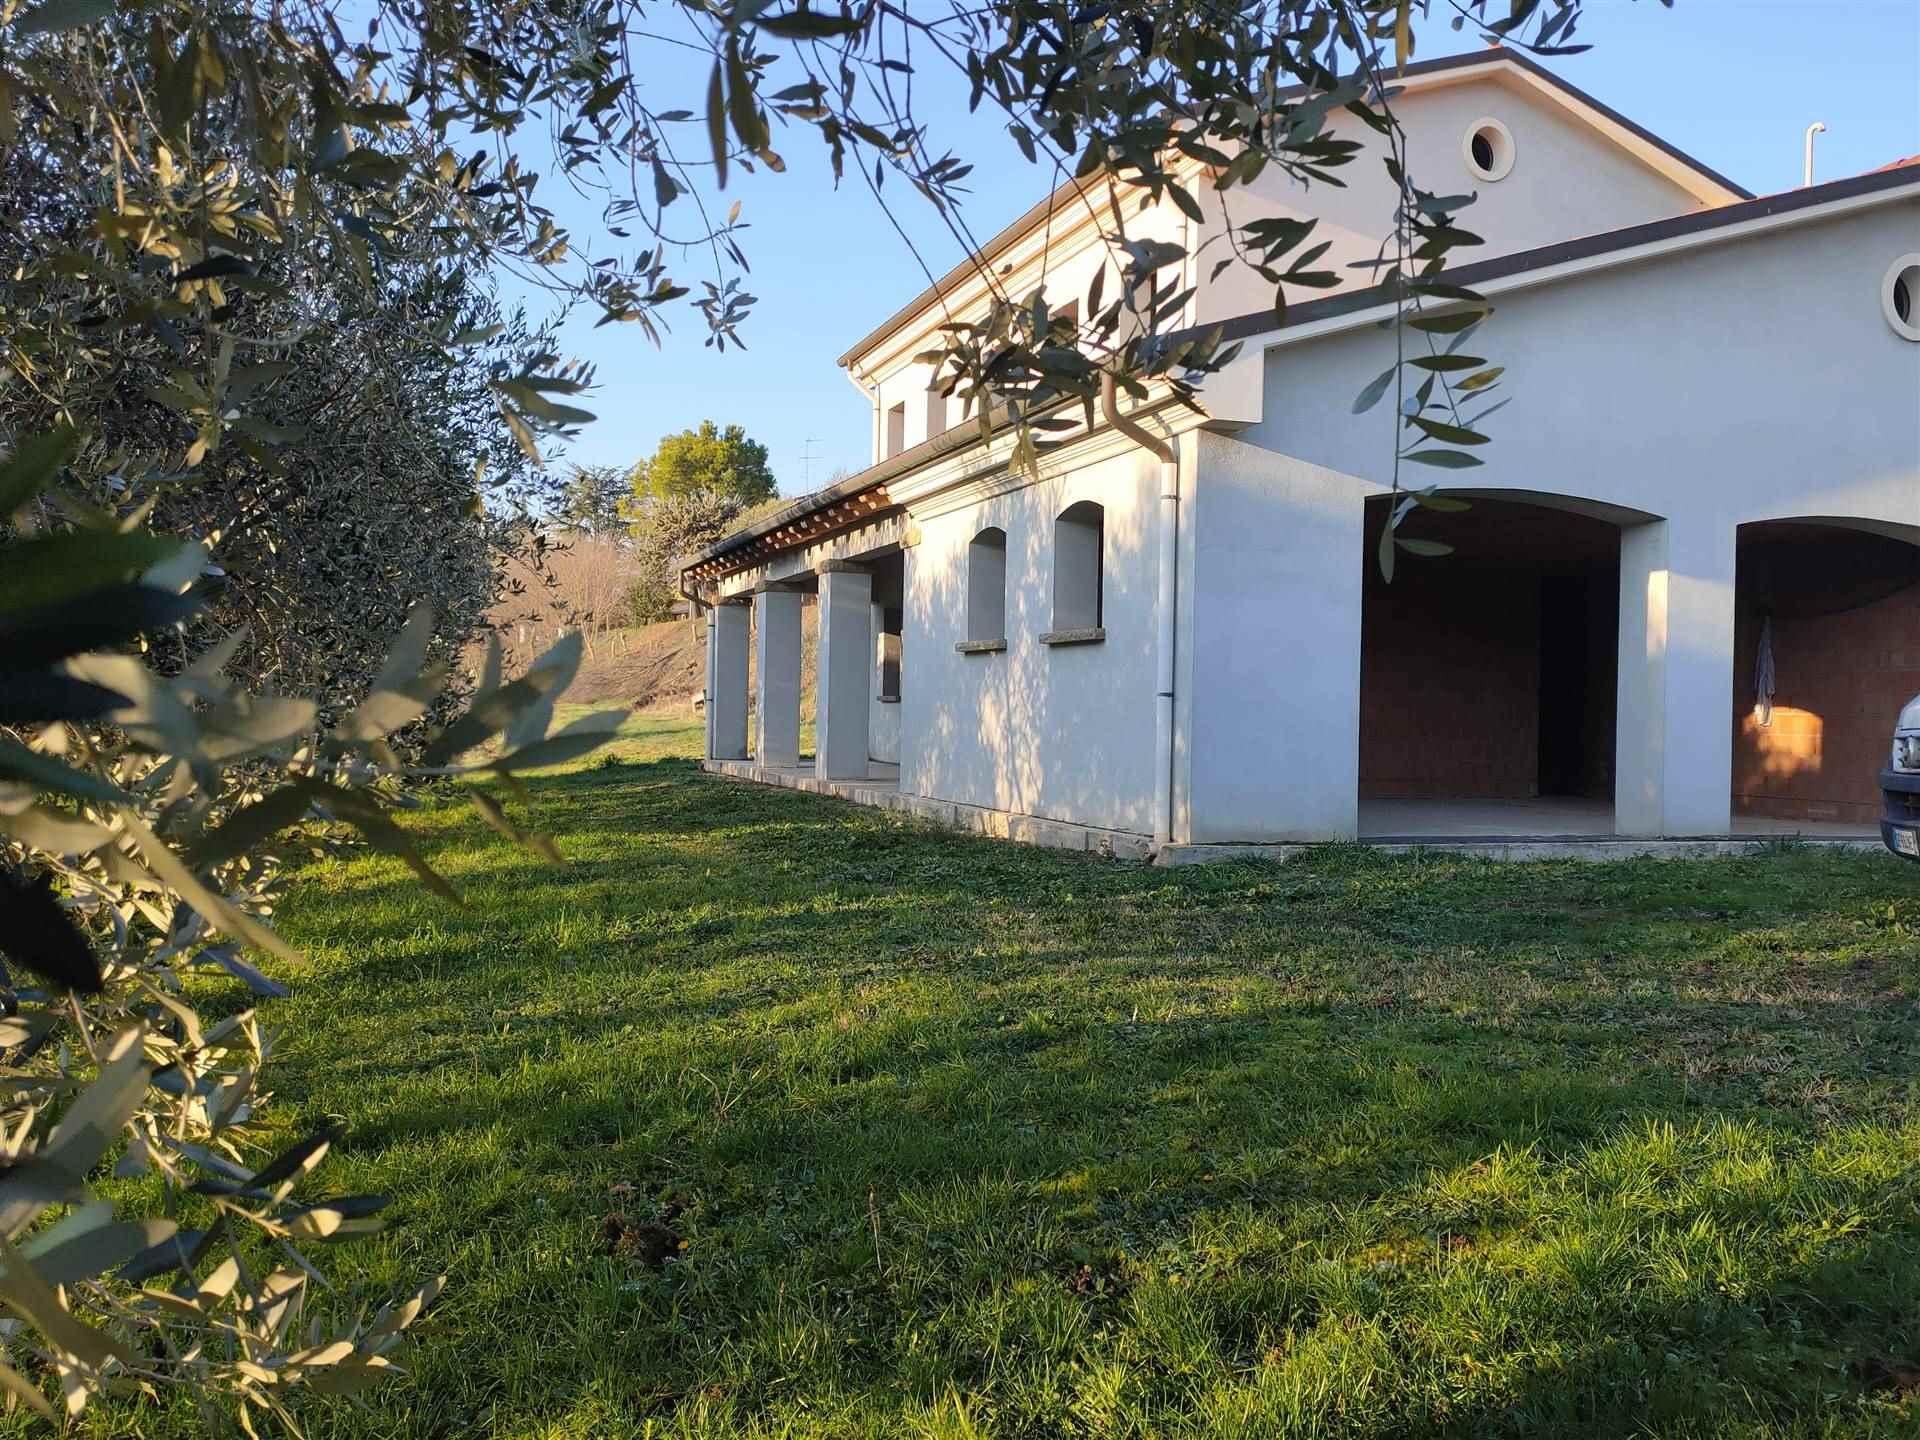 Rustico / Casale in vendita a Cinto Euganeo, 5 locali, prezzo € 210.000 | CambioCasa.it